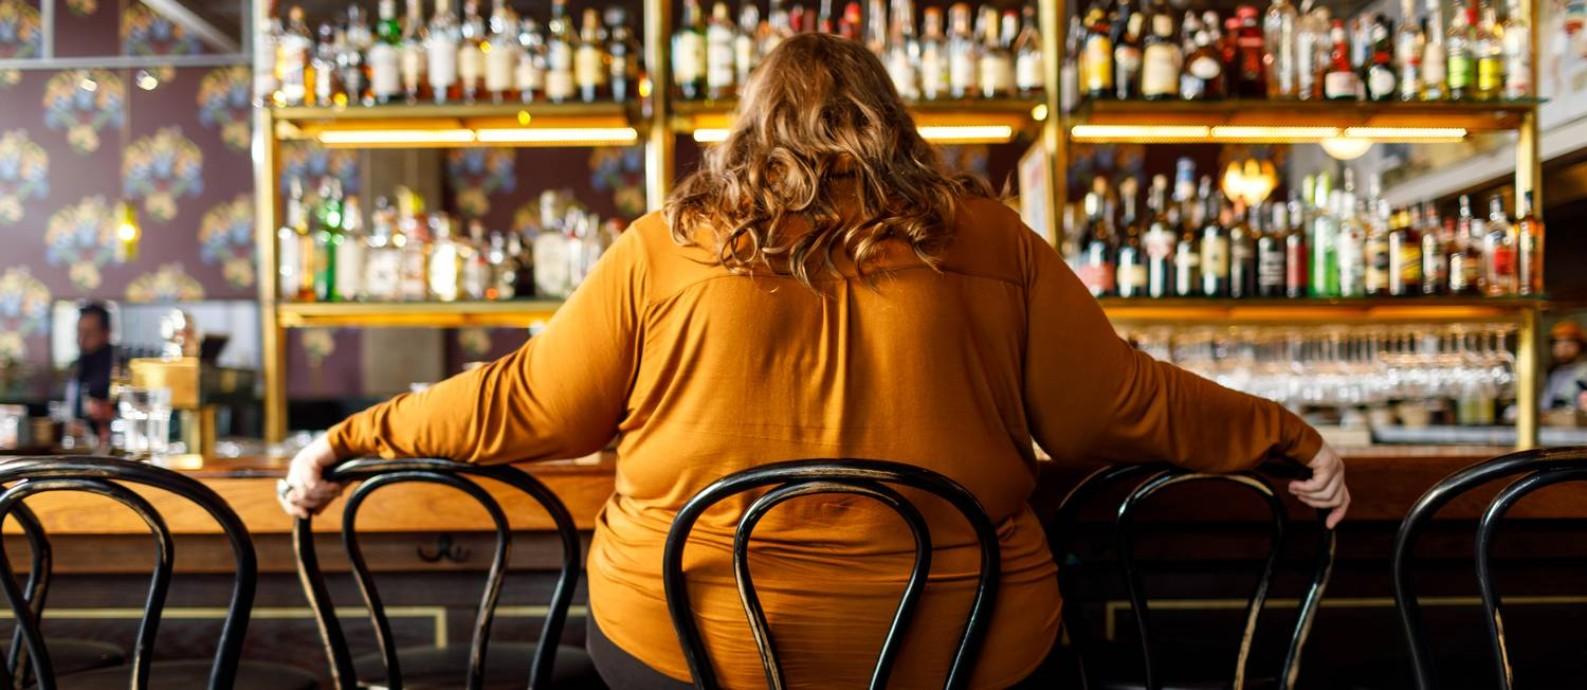 Pesquisa mostra que, entre obesos, o gene MC4R, que envia ao cérebro a sensação de saciedade, muitas vezes não funciona Foto: LEAH NASH/NYT